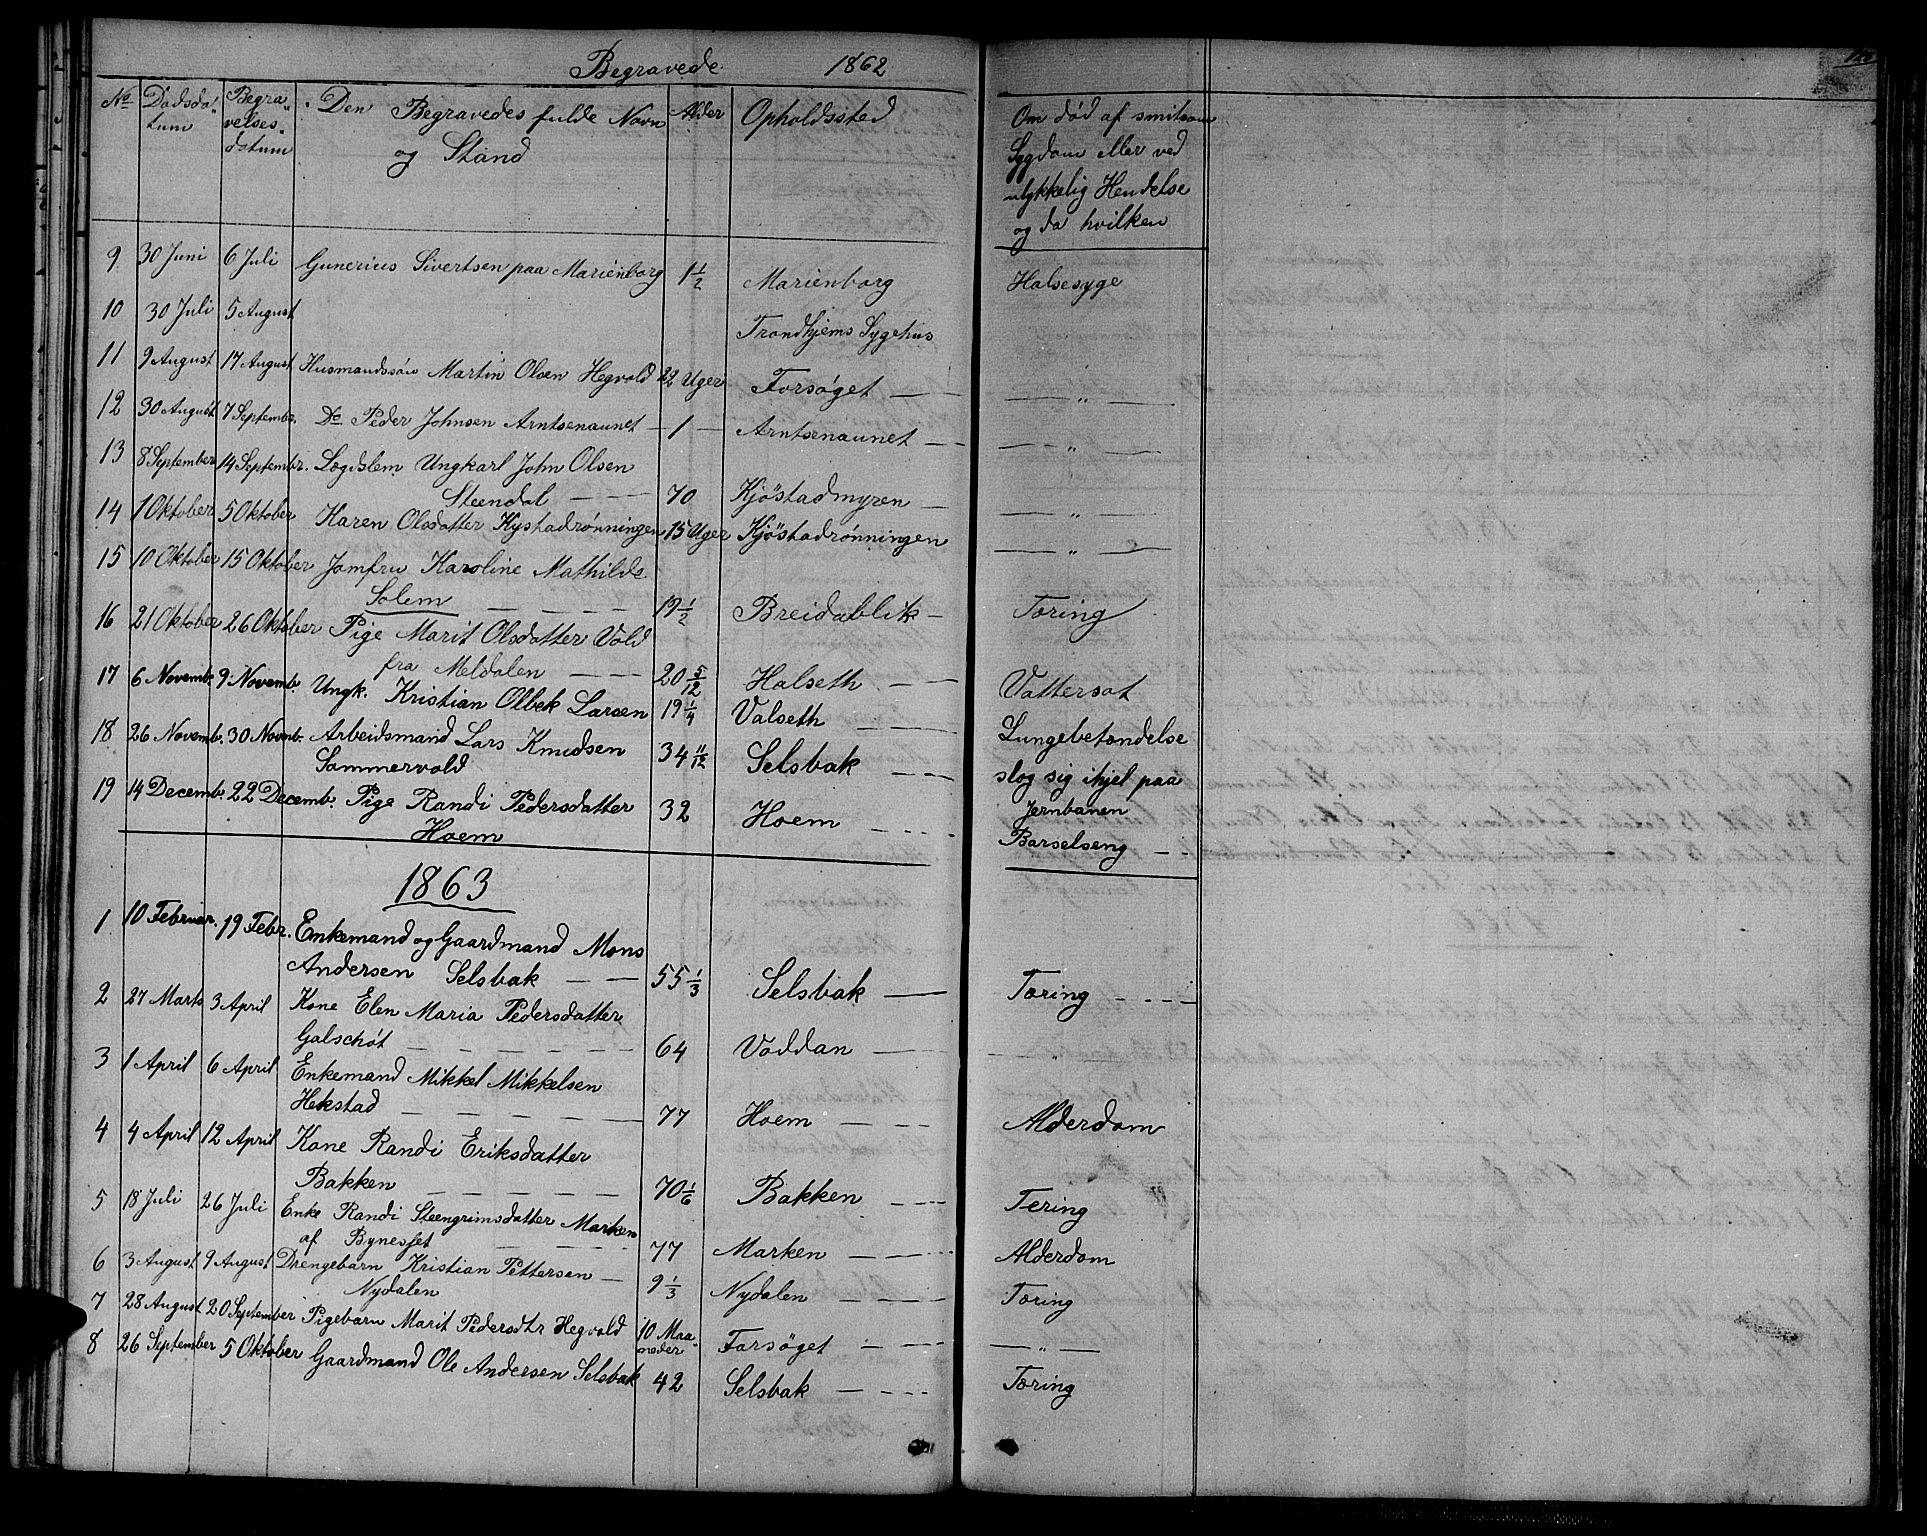 SAT, Ministerialprotokoller, klokkerbøker og fødselsregistre - Sør-Trøndelag, 611/L0353: Klokkerbok nr. 611C01, 1854-1881, s. 123